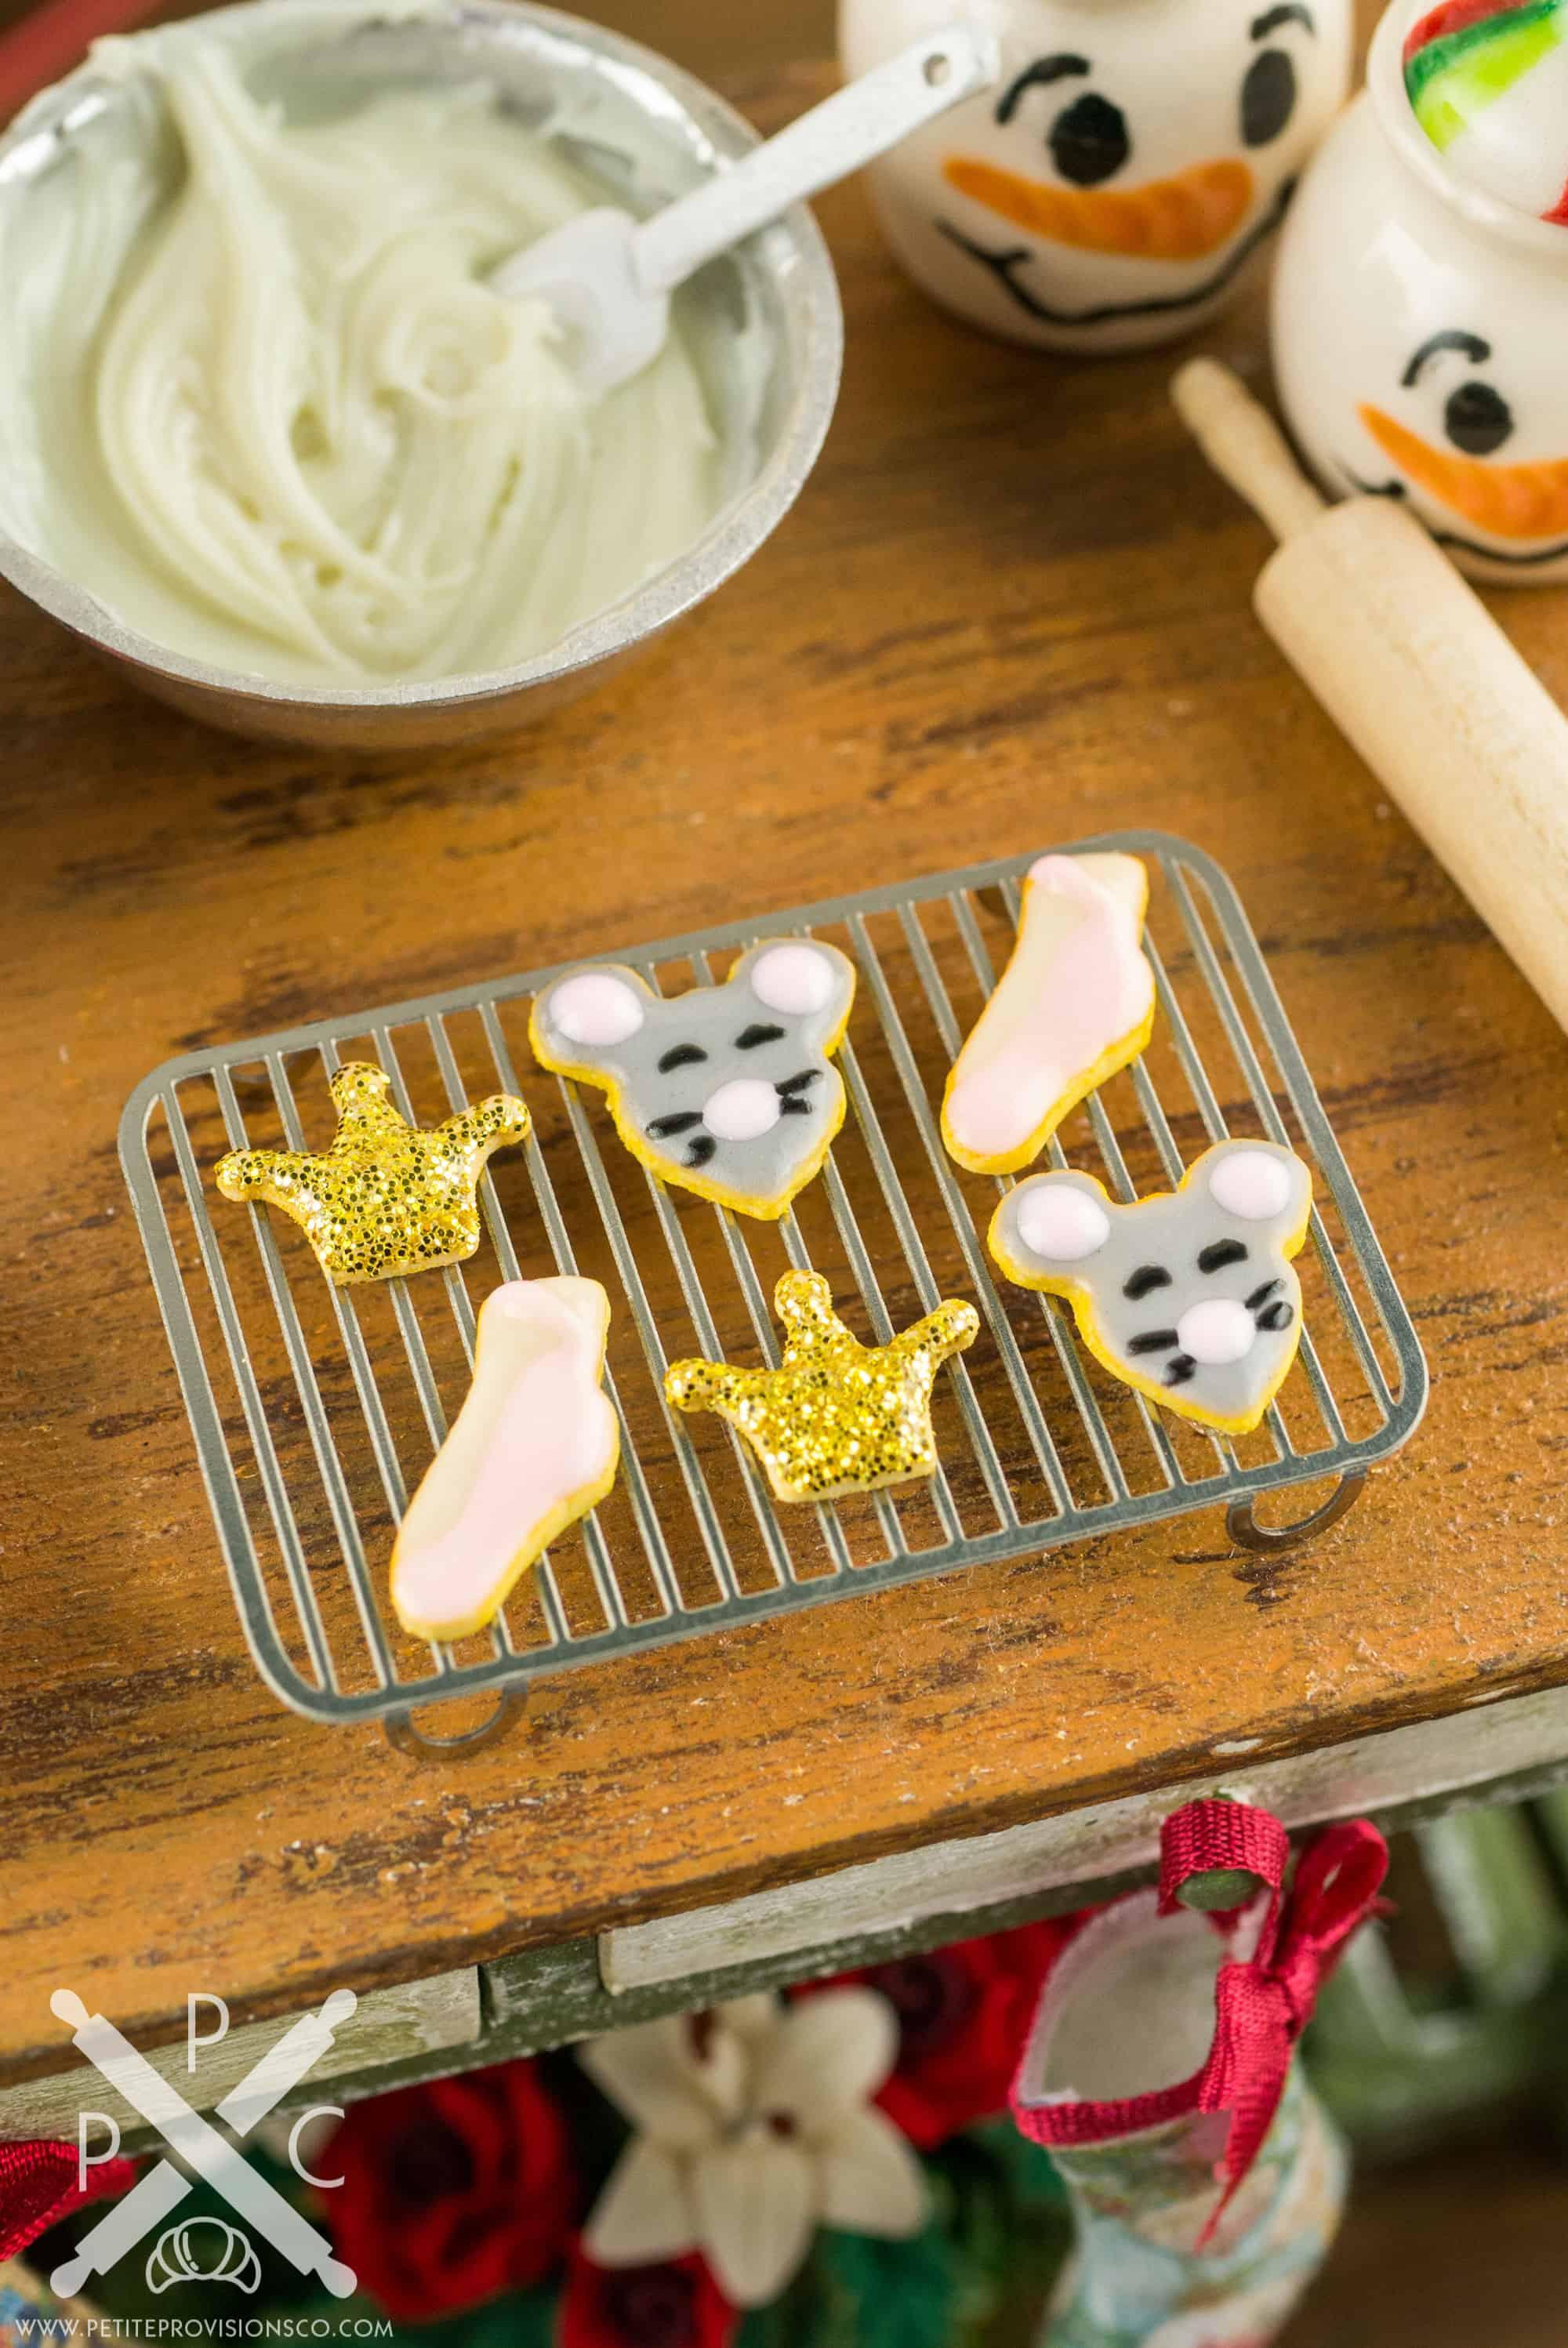 Dollhouse Miniature Nutcracker Suite Cookies Set 2 Half Dozen 1 12 Dollhouse Miniature The Petite Provisions Co